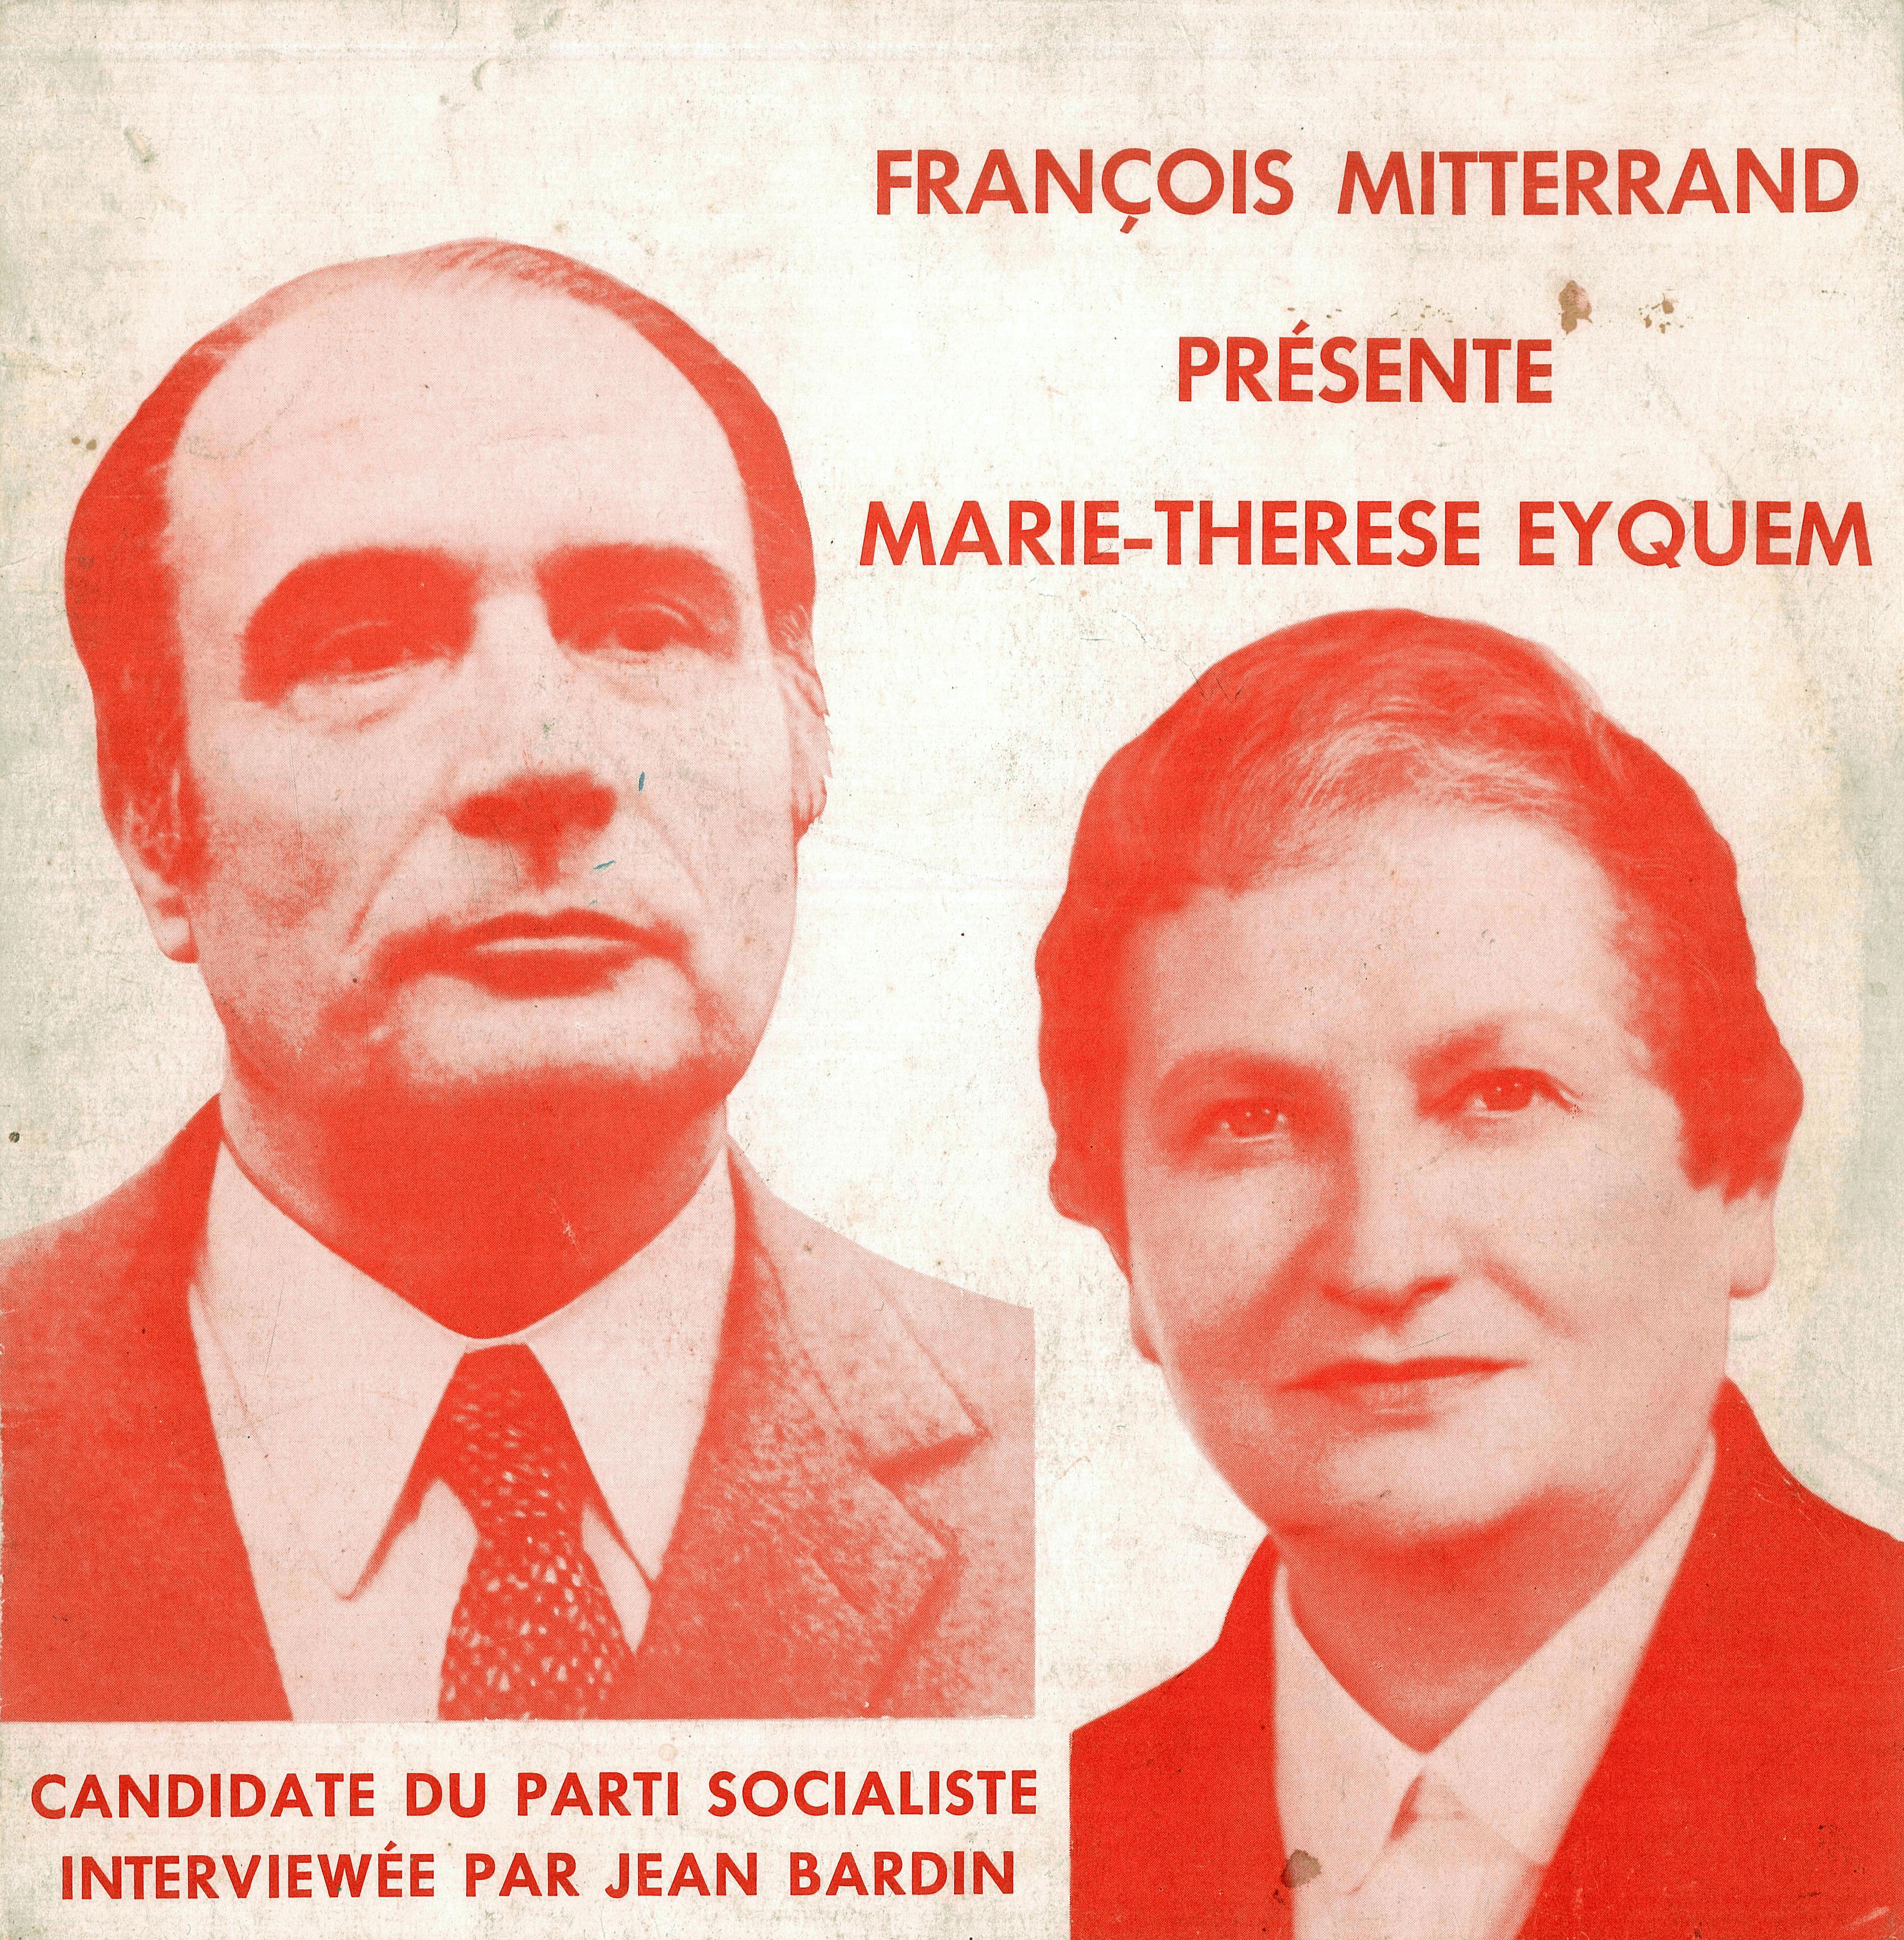 pochette 45 tours presentation candidate législatives Marie Thérèse Eyquem